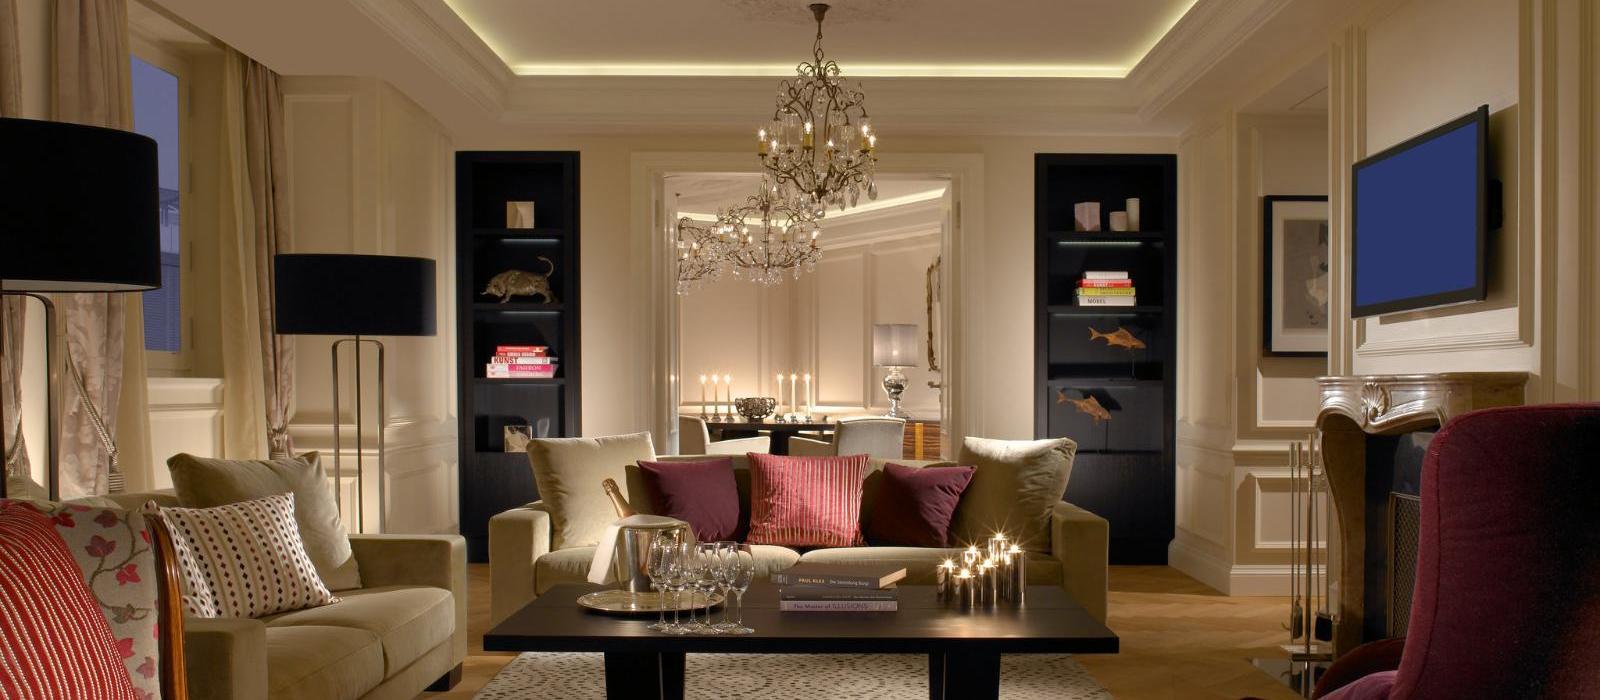 伯尔尼玺威豪酒店(Hotel Schweizerhof Bern & THE SPA) 总统套房图片  www.lhw.cn